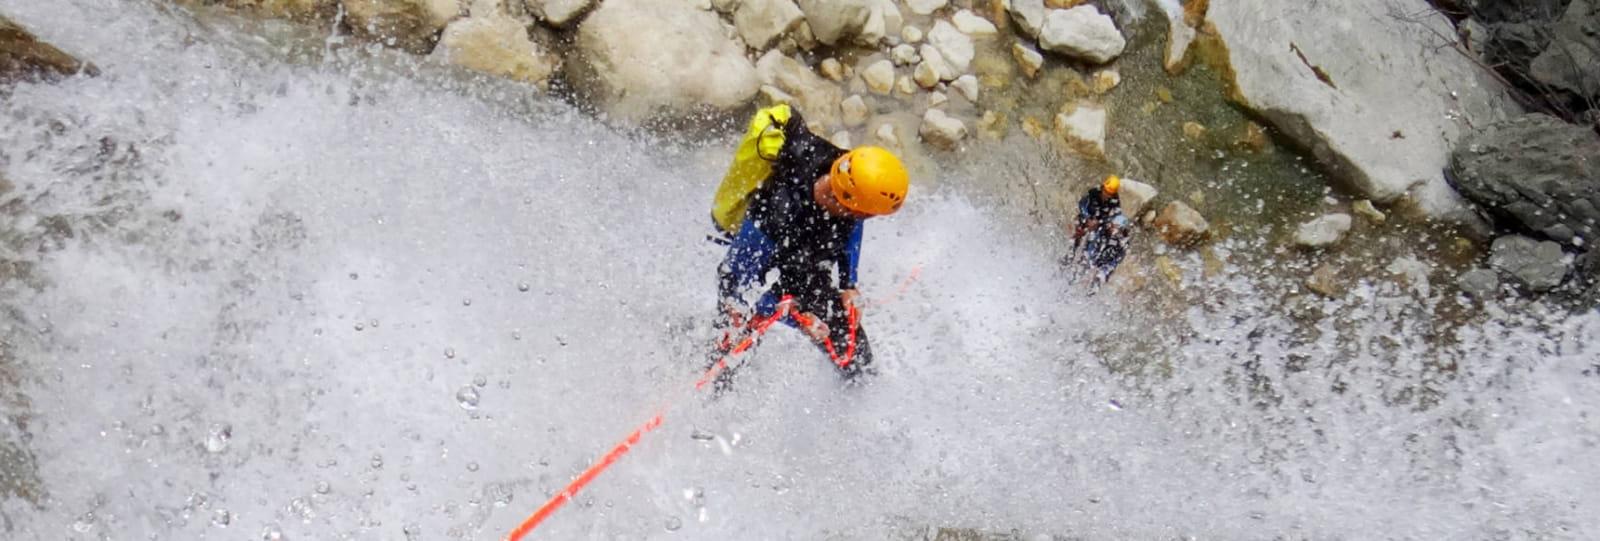 Rando, escalade, via ferrata, canyoning, rando aquatique, raquettes avec 'Rêve de Cimes